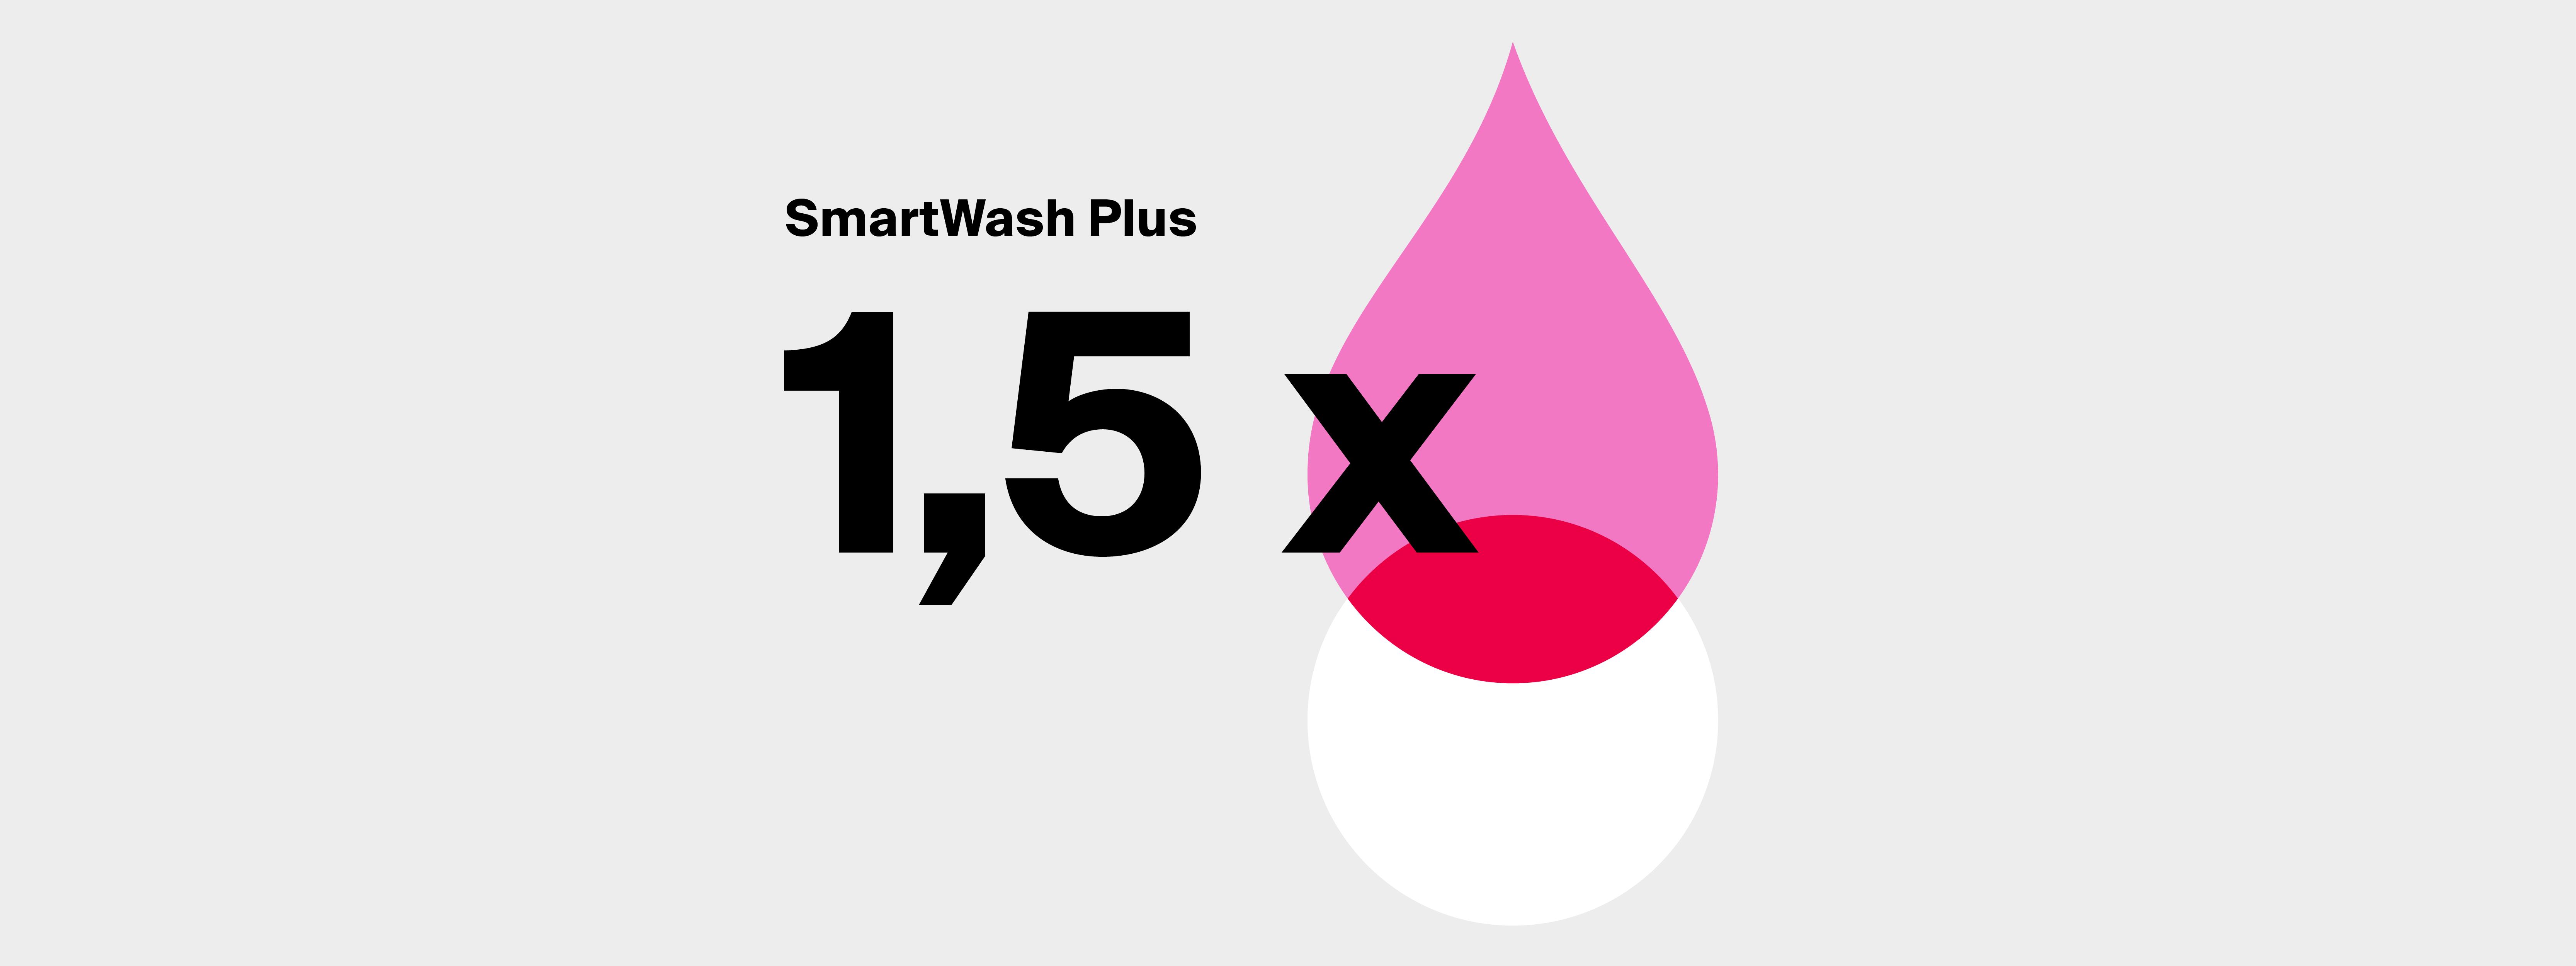 Saving water thanks to CWS Smart Wash Plus